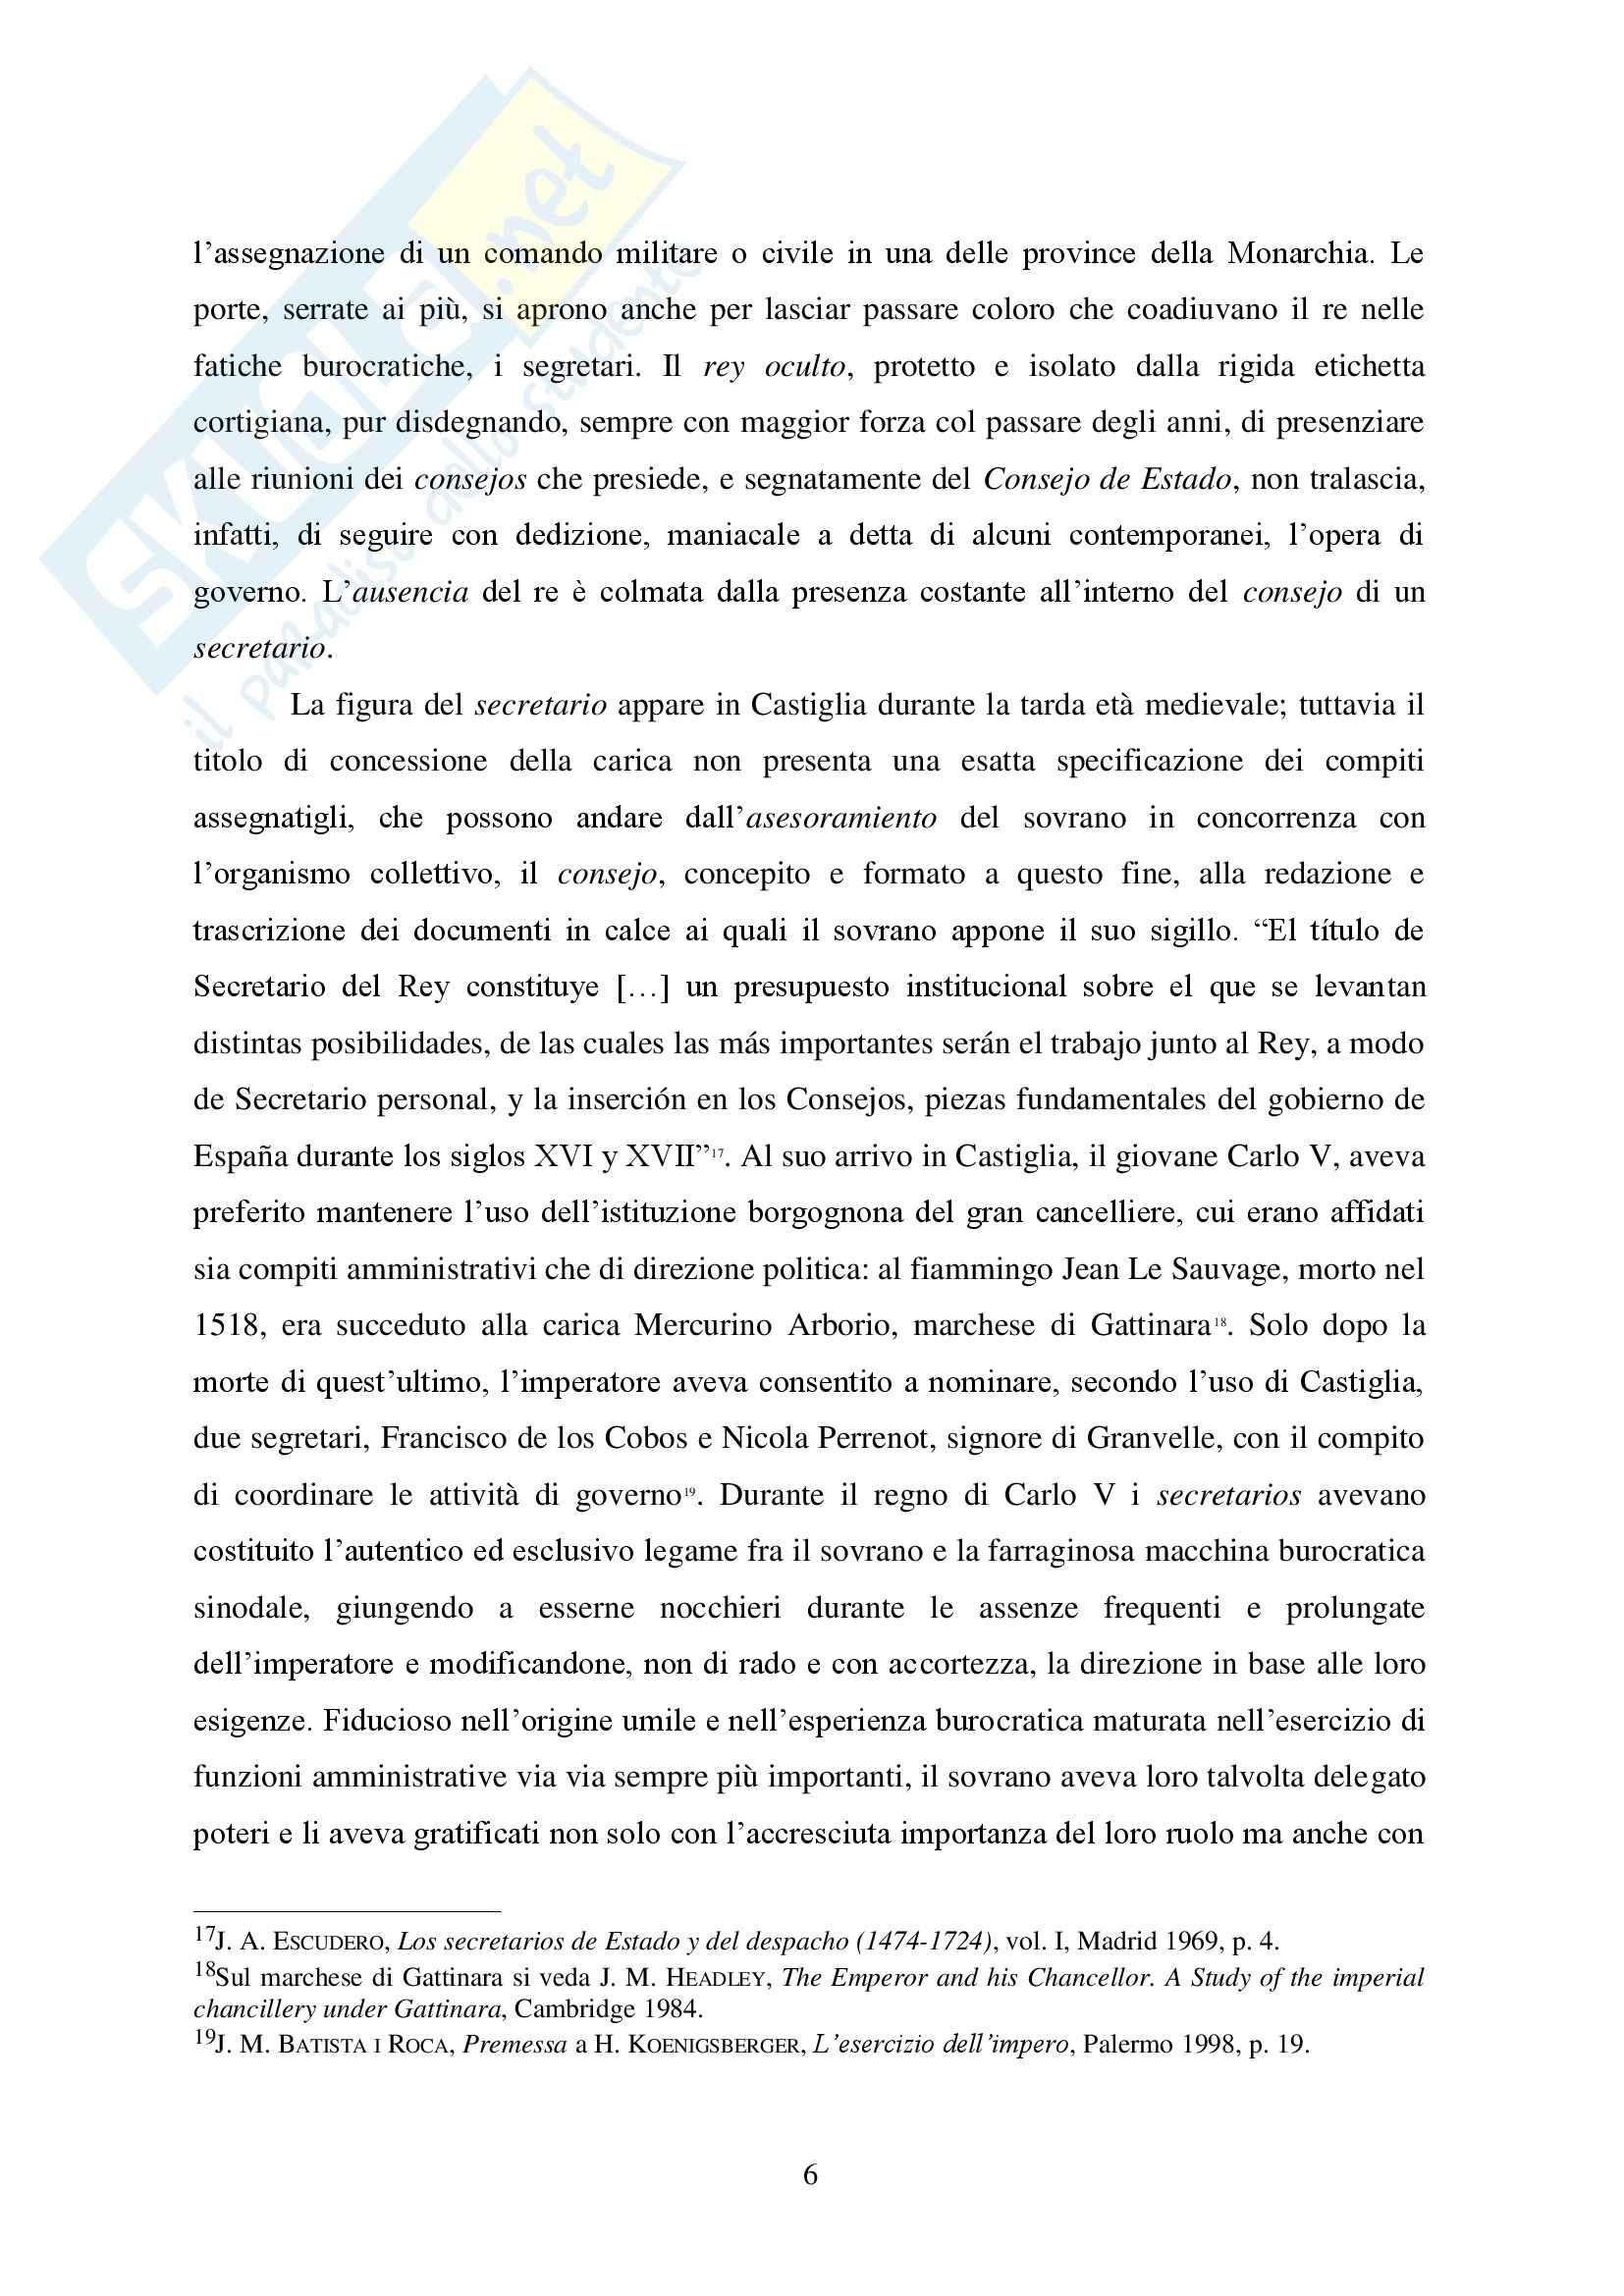 Storia delle Istituzioni politiche  e sociali - il trono di Napoli Pag. 6